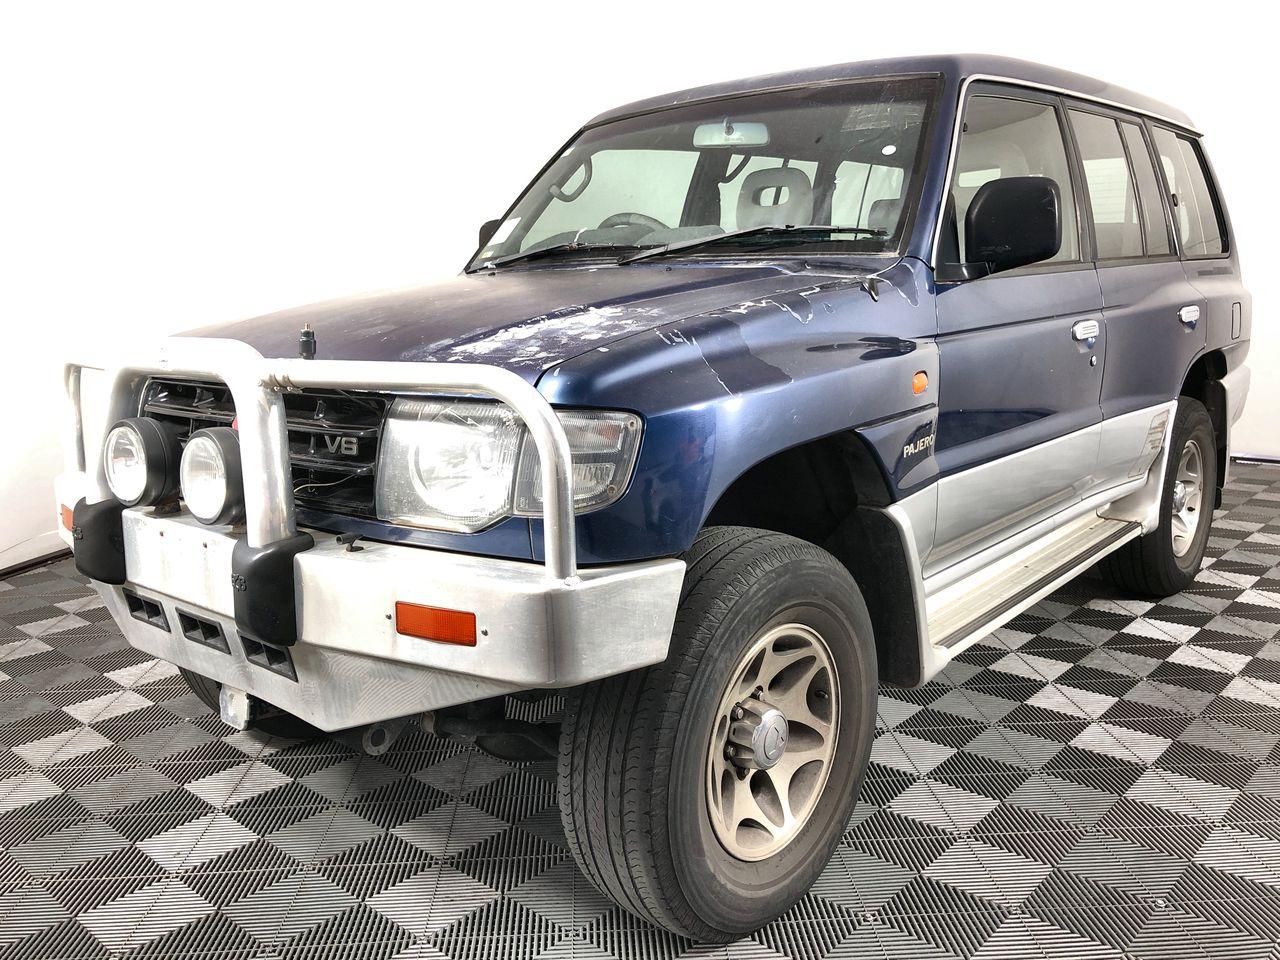 1998 Mitsubishi Pajero Automatic 7 Seats Wagon